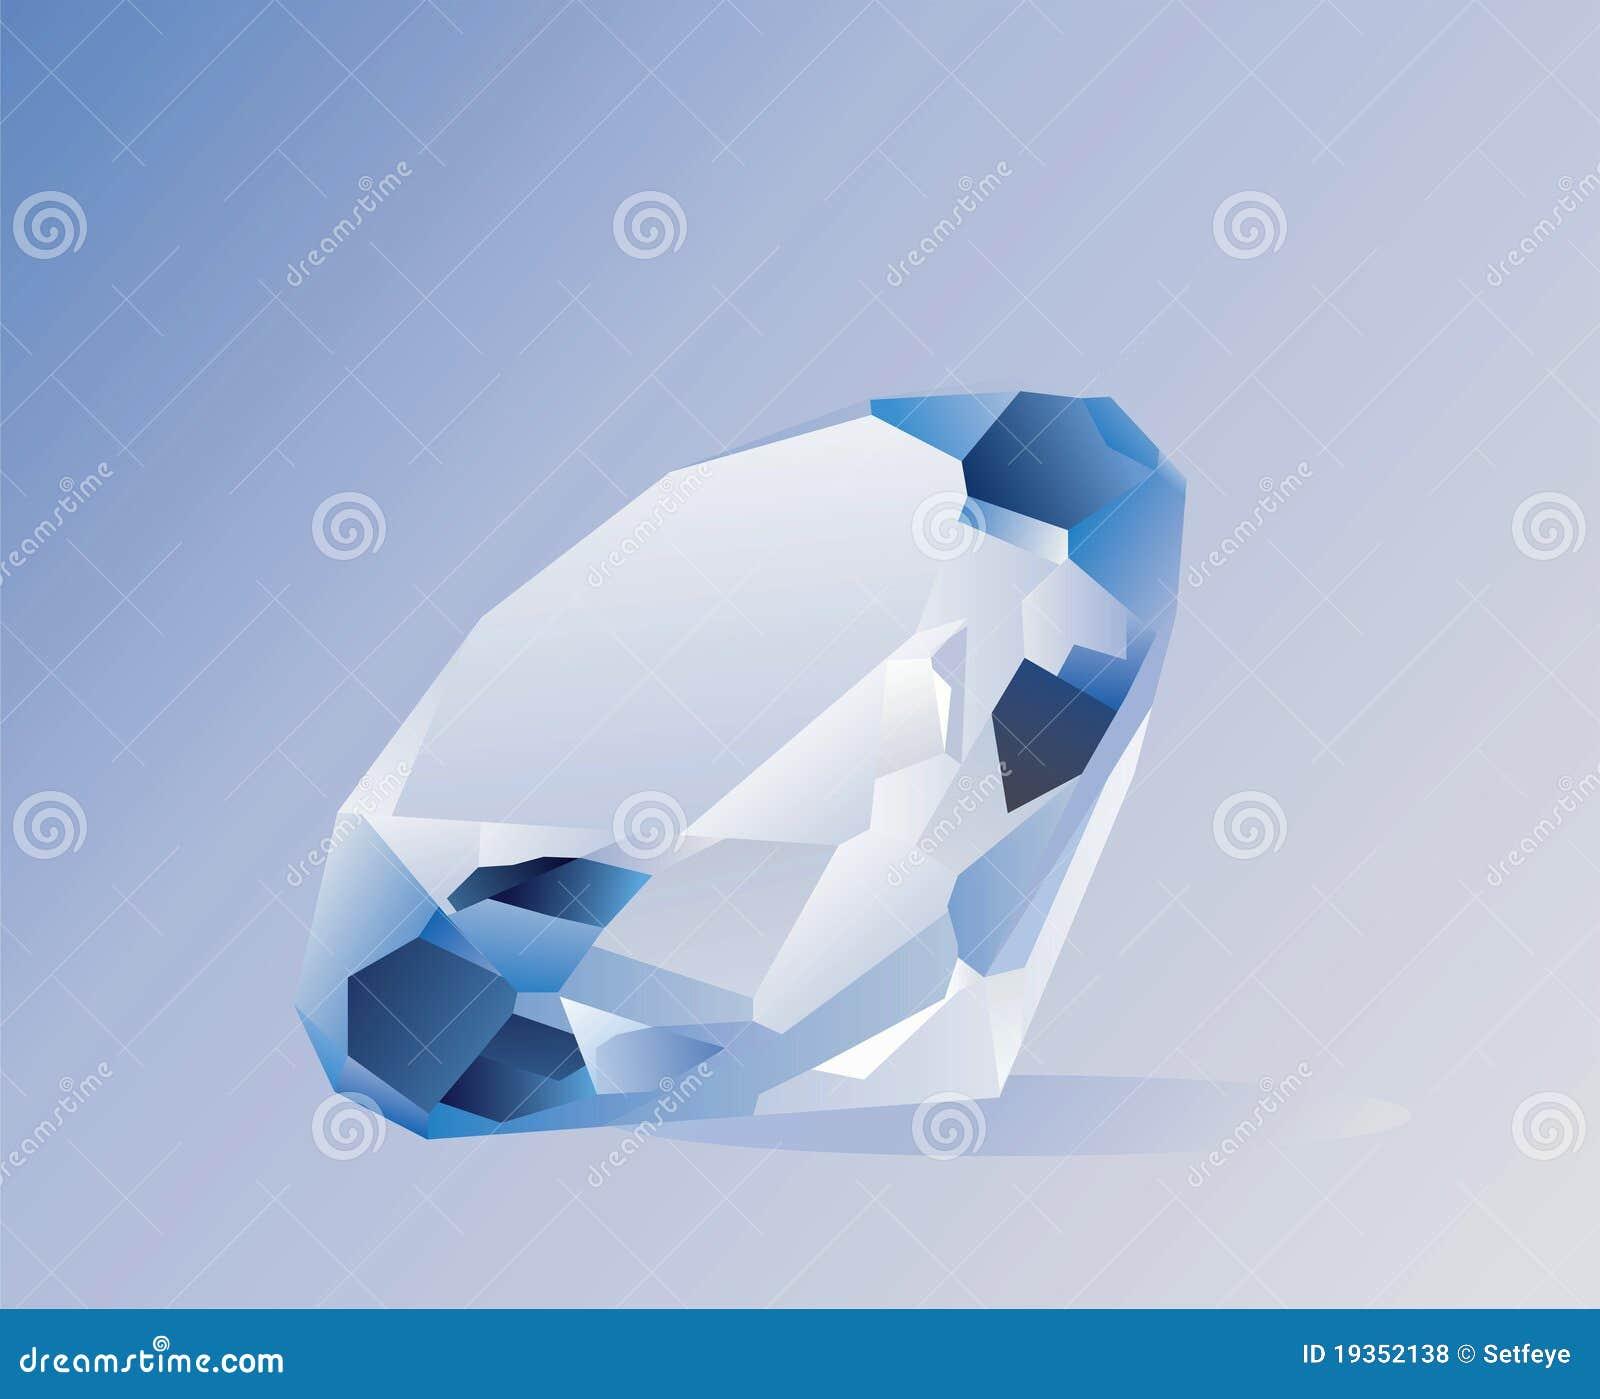 Diamante brilhante brilhante